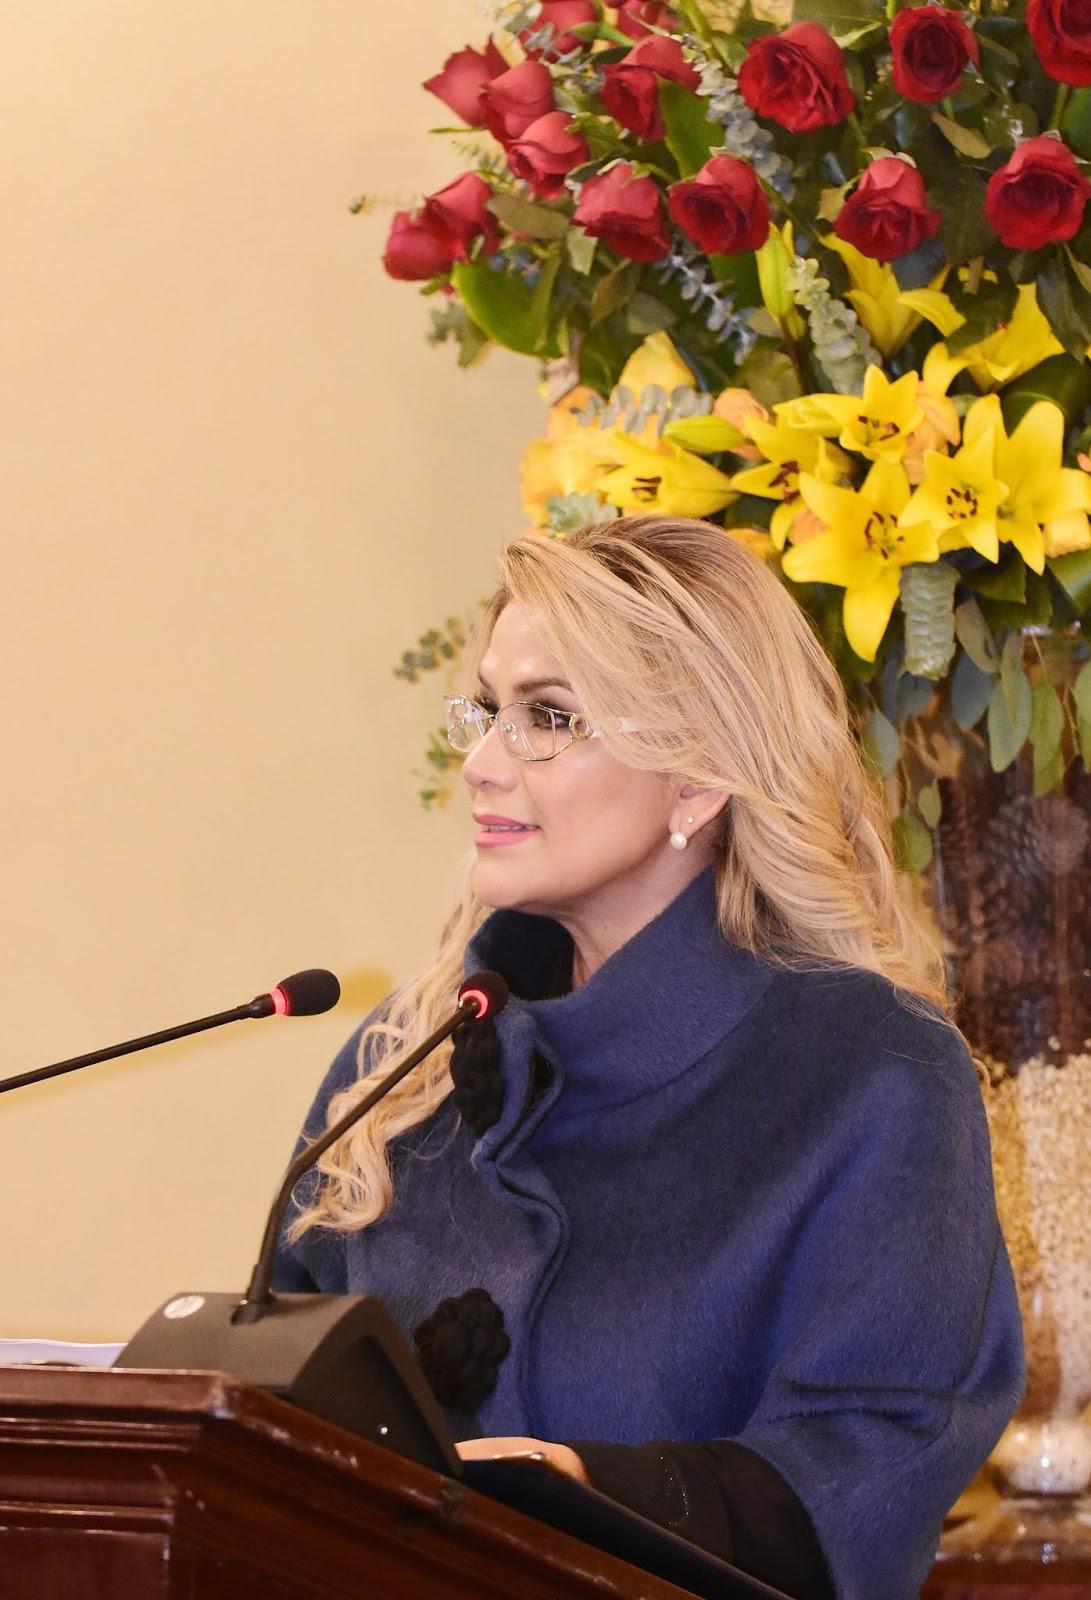 La presidenta constitucional de Bolivia Jeanine Áñez en Palacio de Gobierno / ABI